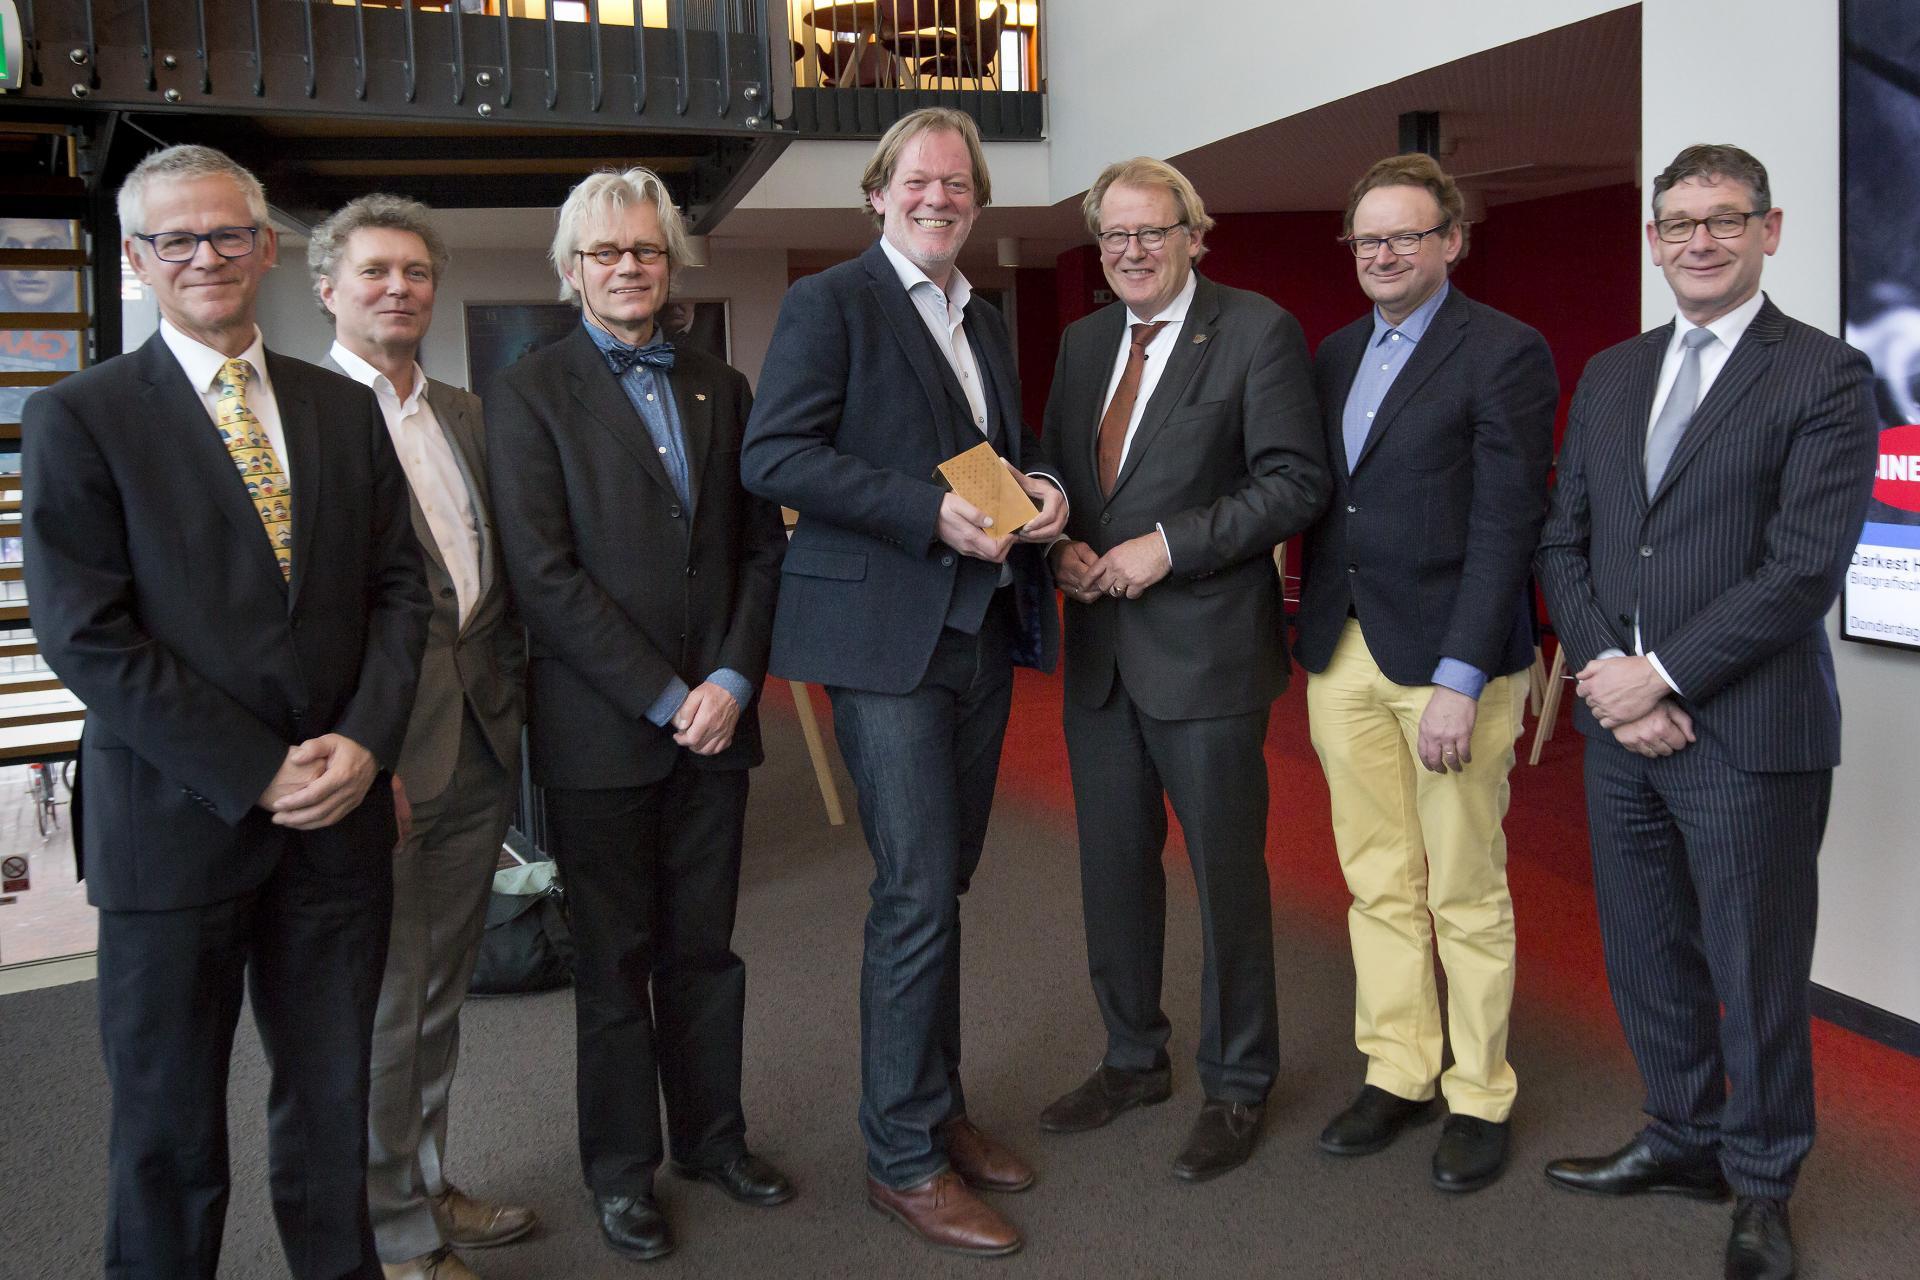 Cultuurprijs Zuid-Holland 2018 uitgereikt aan Tom Hazenberg